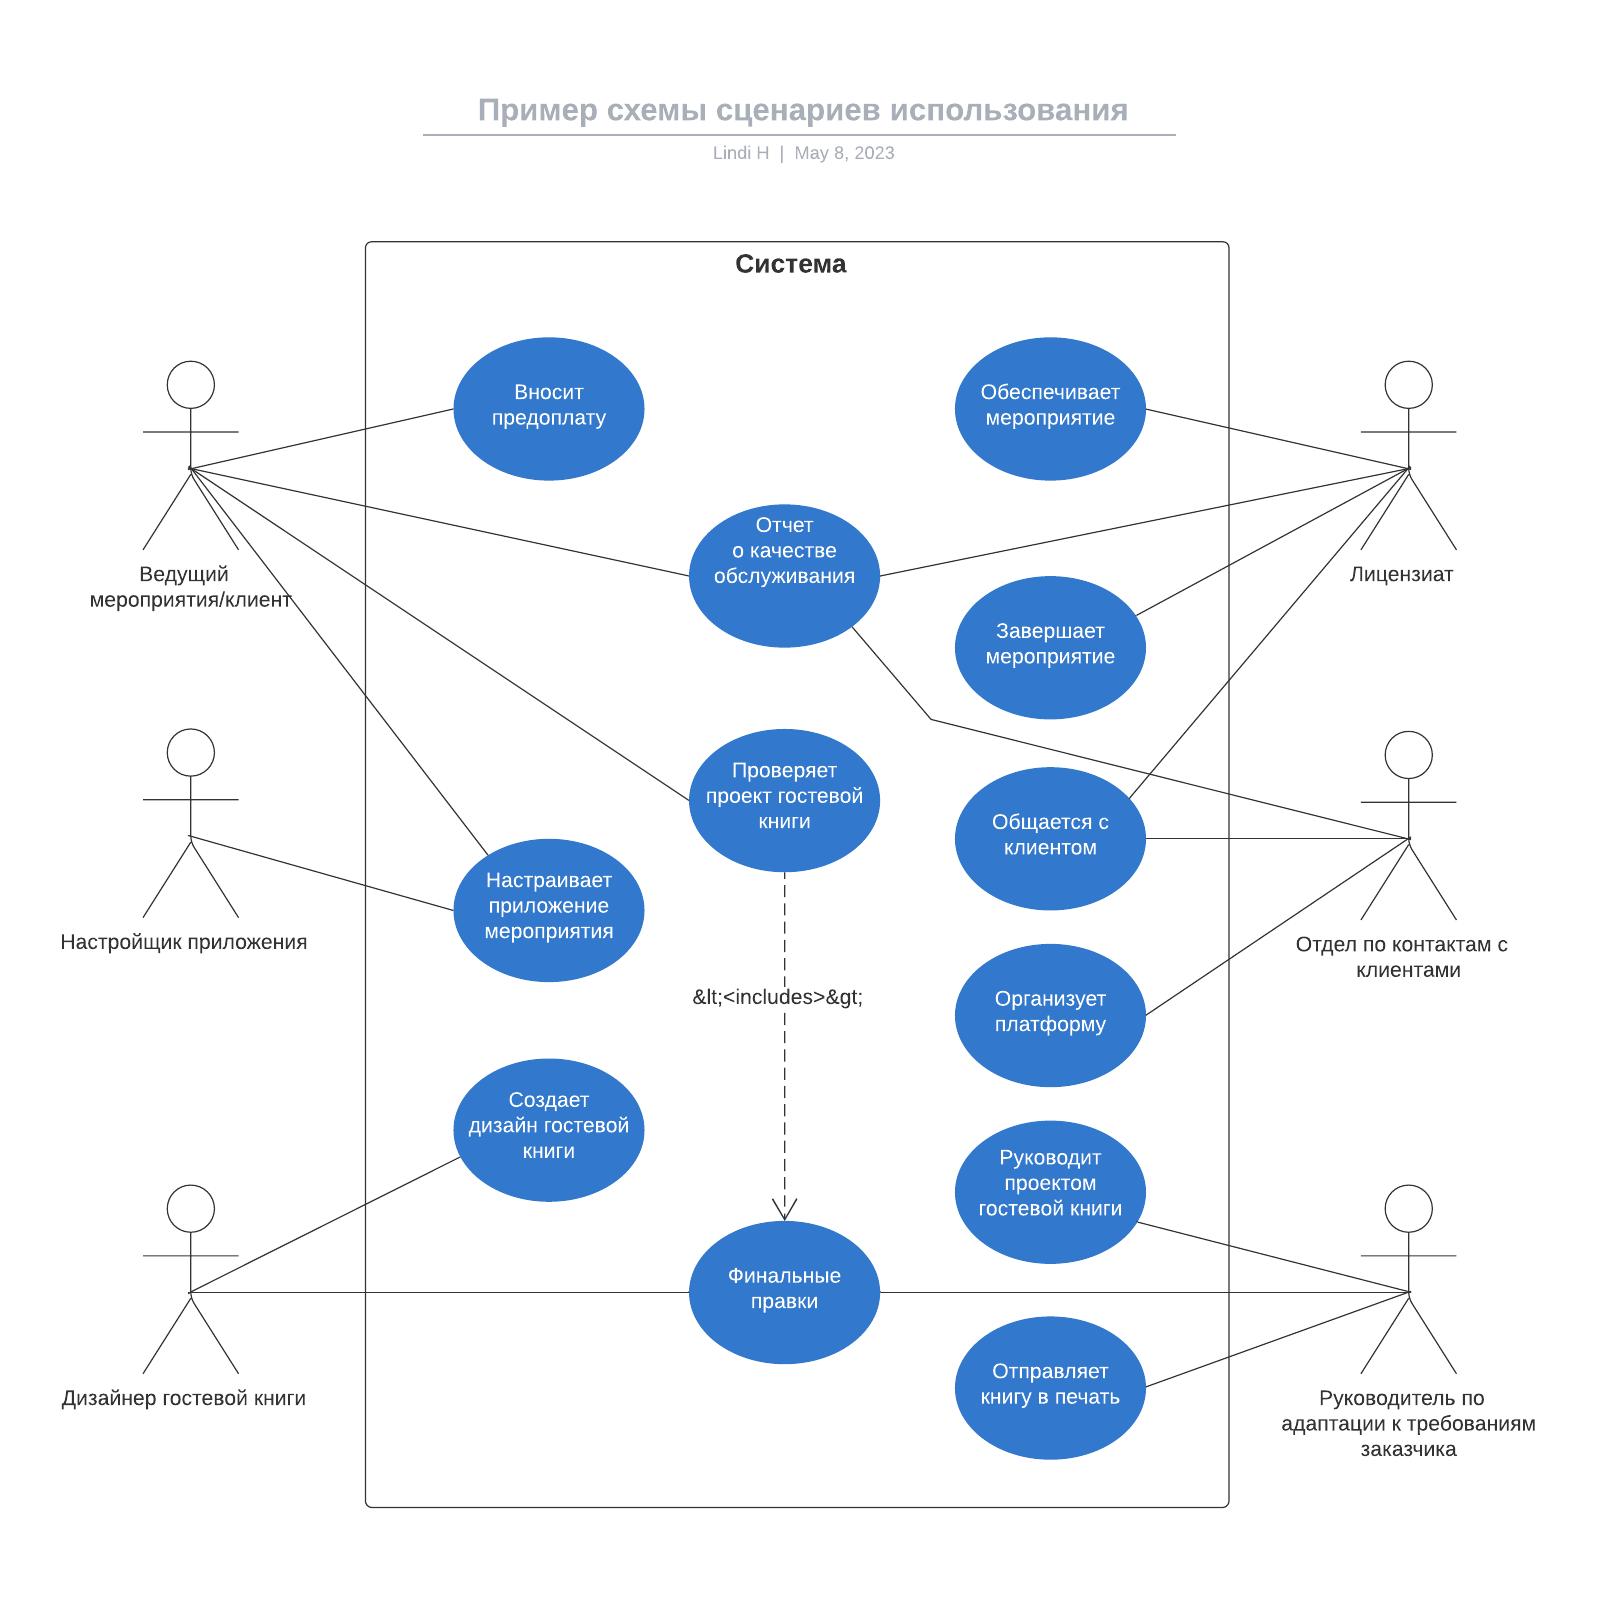 Пример схемы сценариев использования